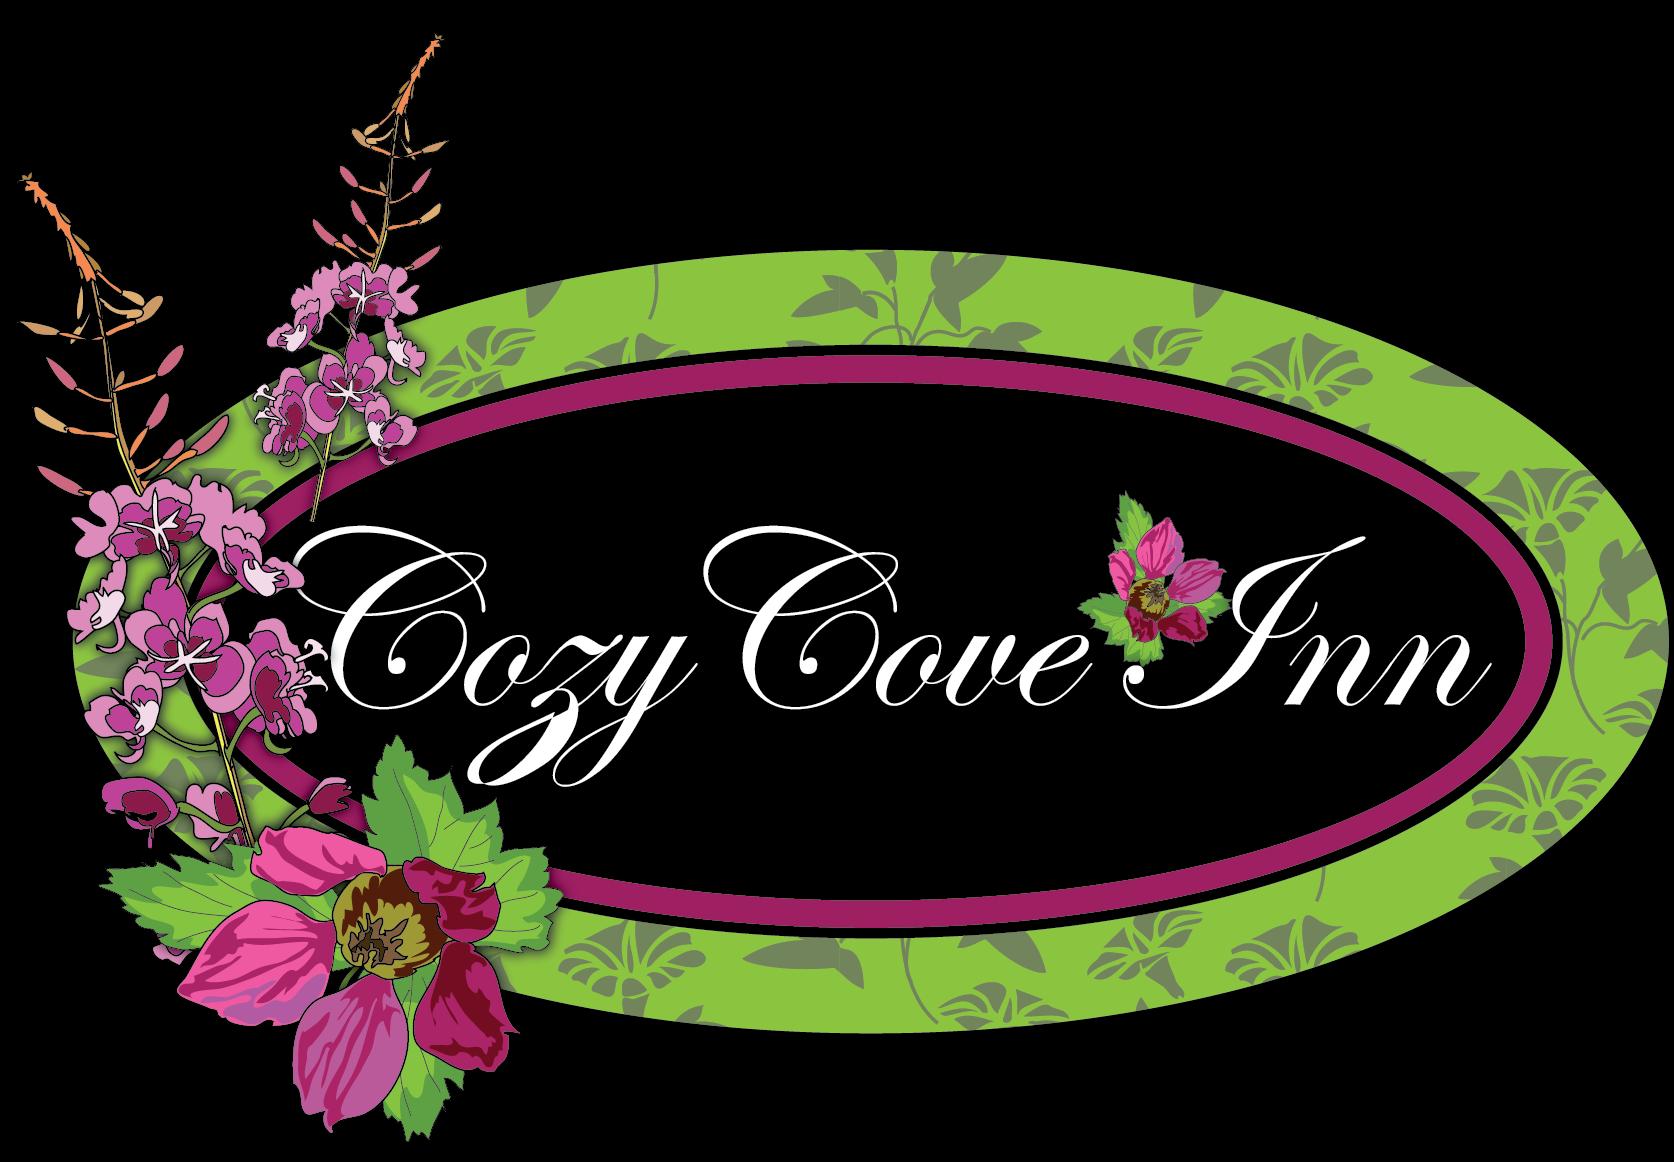 Cozy Cove Inn